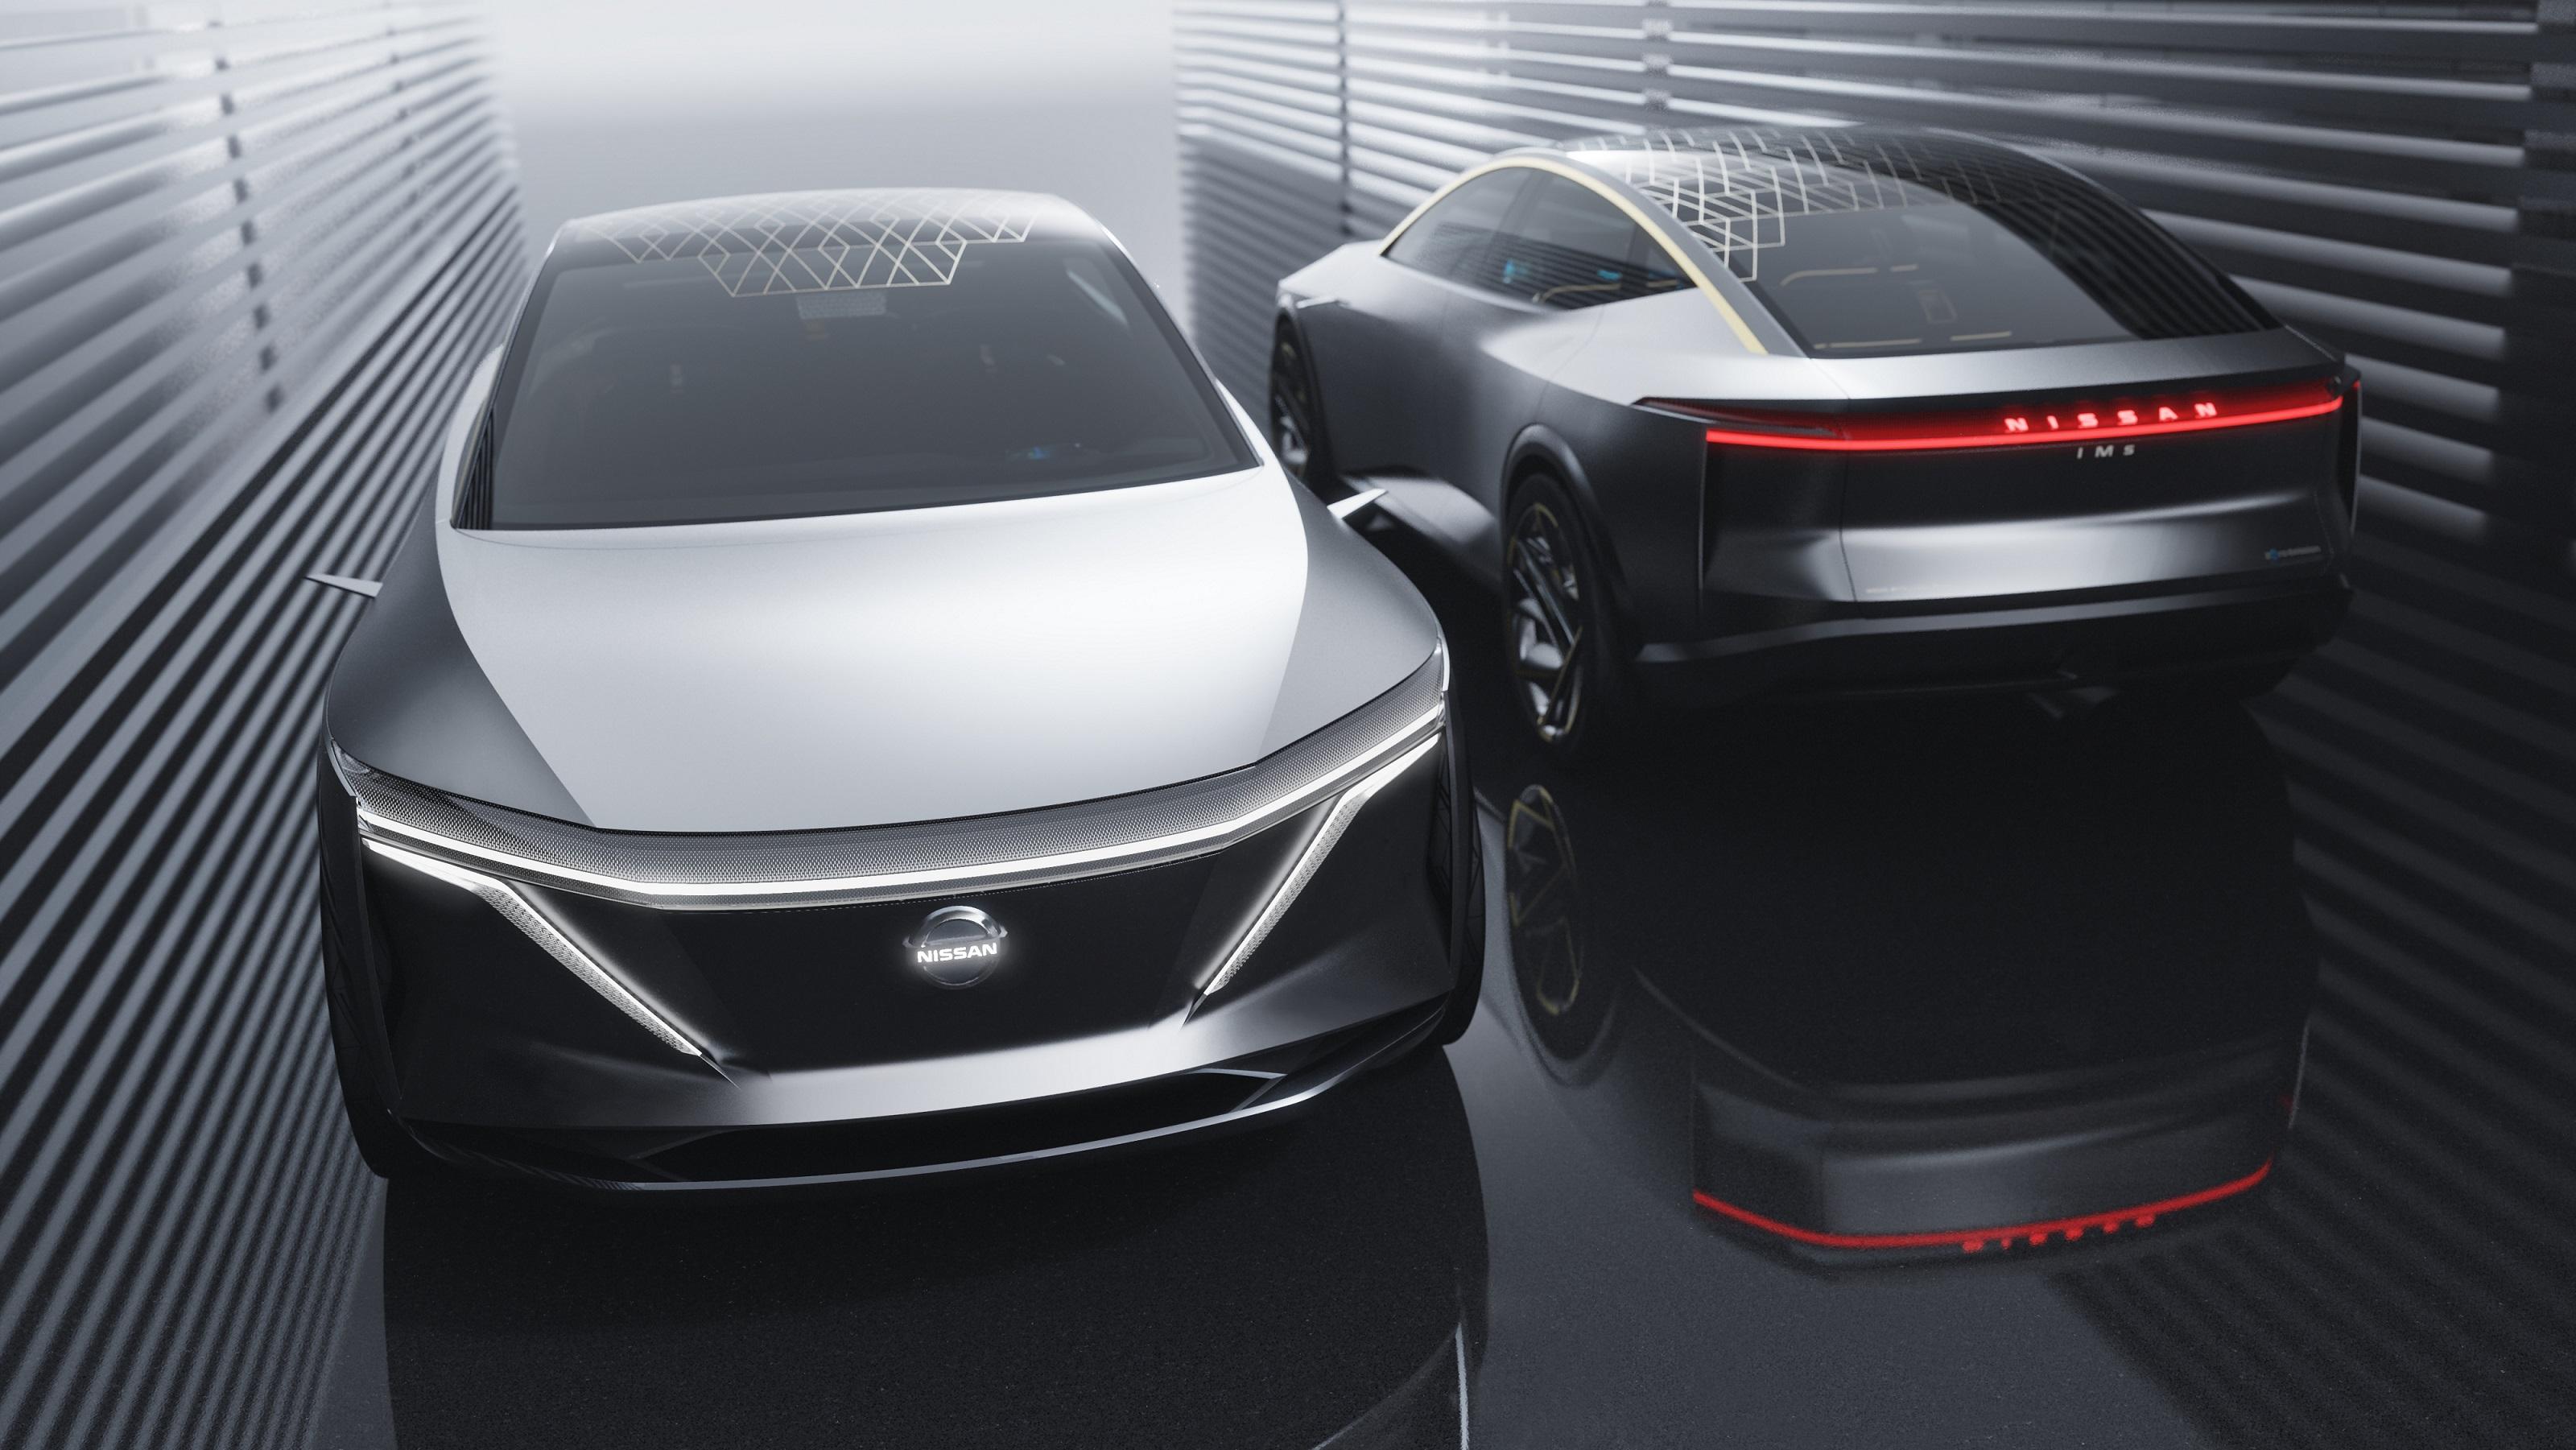 Nissan IMs Concept – Exterior Photo 07-source